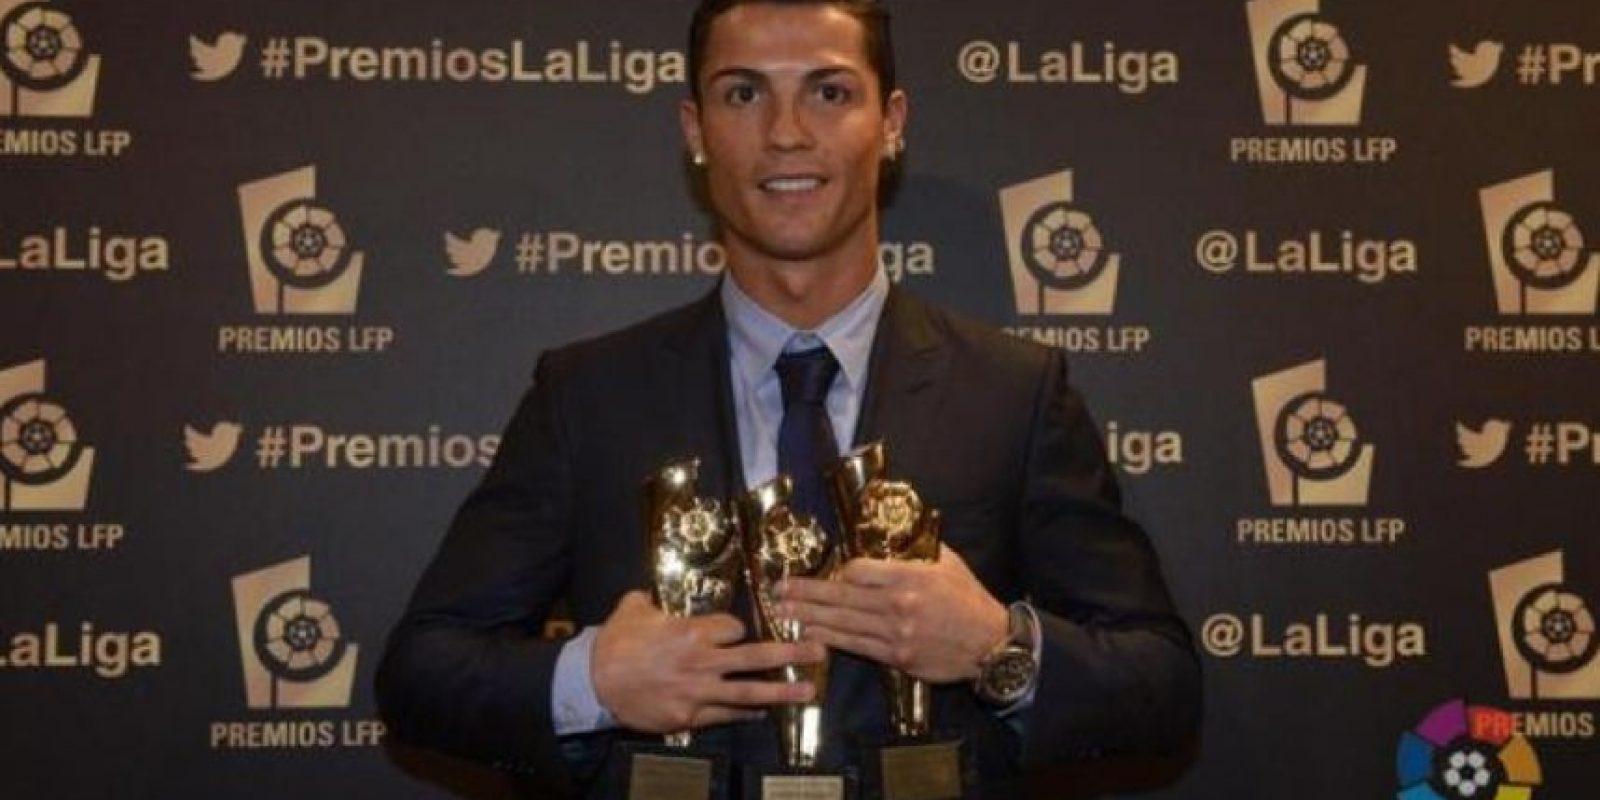 Cristiano con sus tres premios de la Liga BBVA 2013-2014. Foto:twitter.com/LaLiga